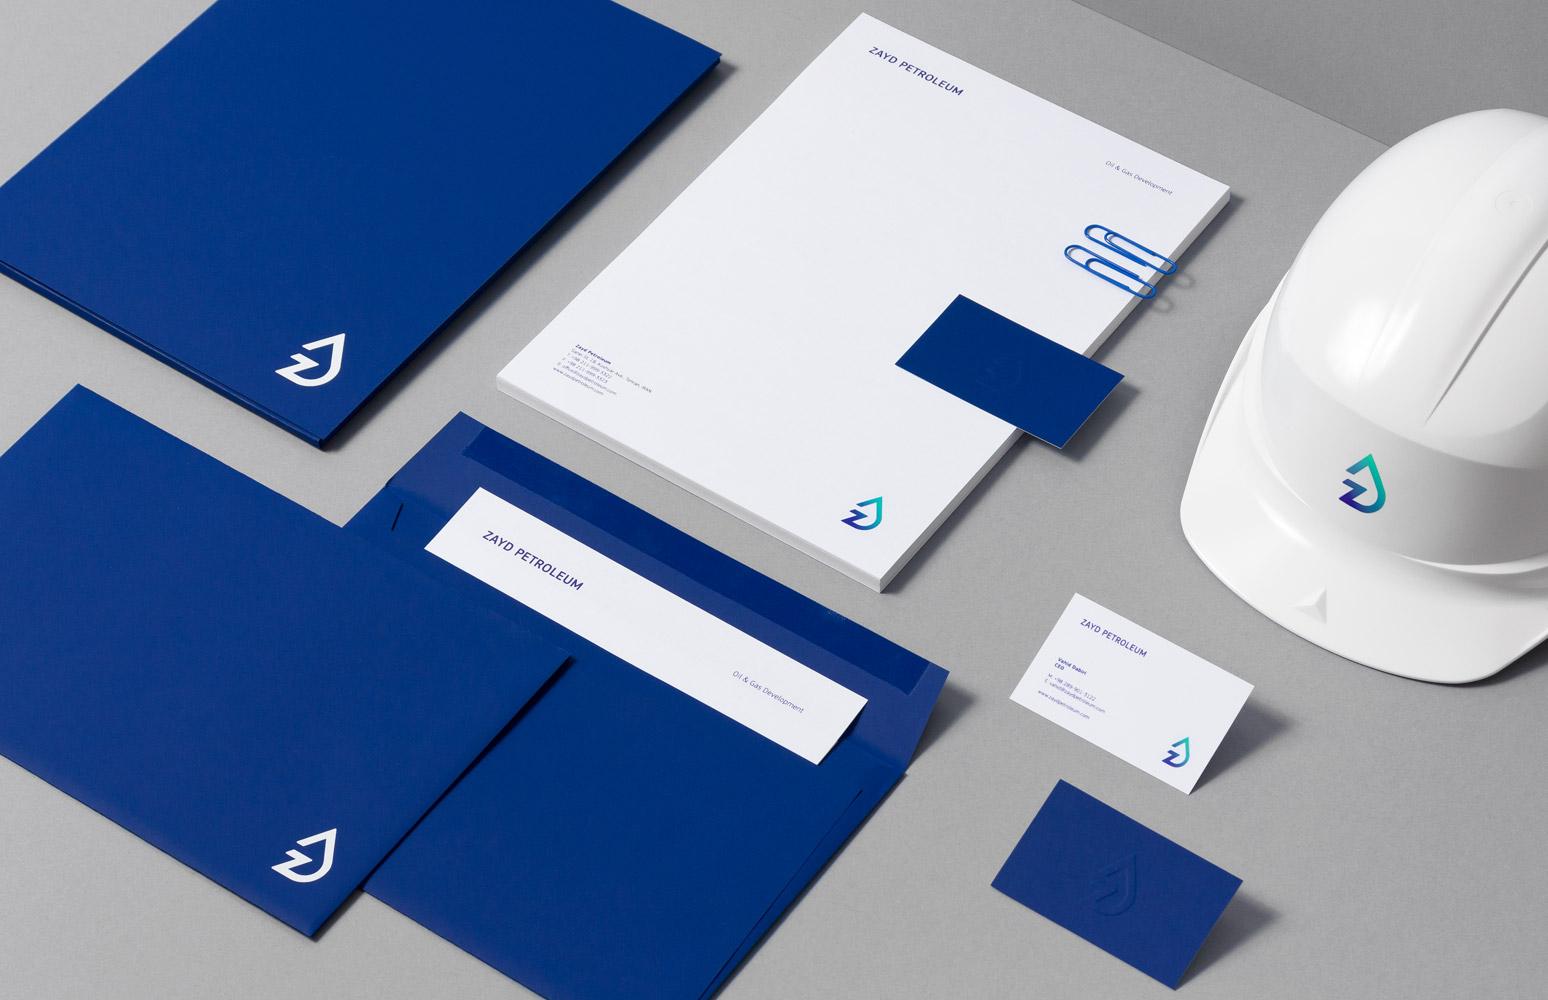 品牌包装设计事务所2011年为伊朗黑兰石油公司的品牌vi设计&amp